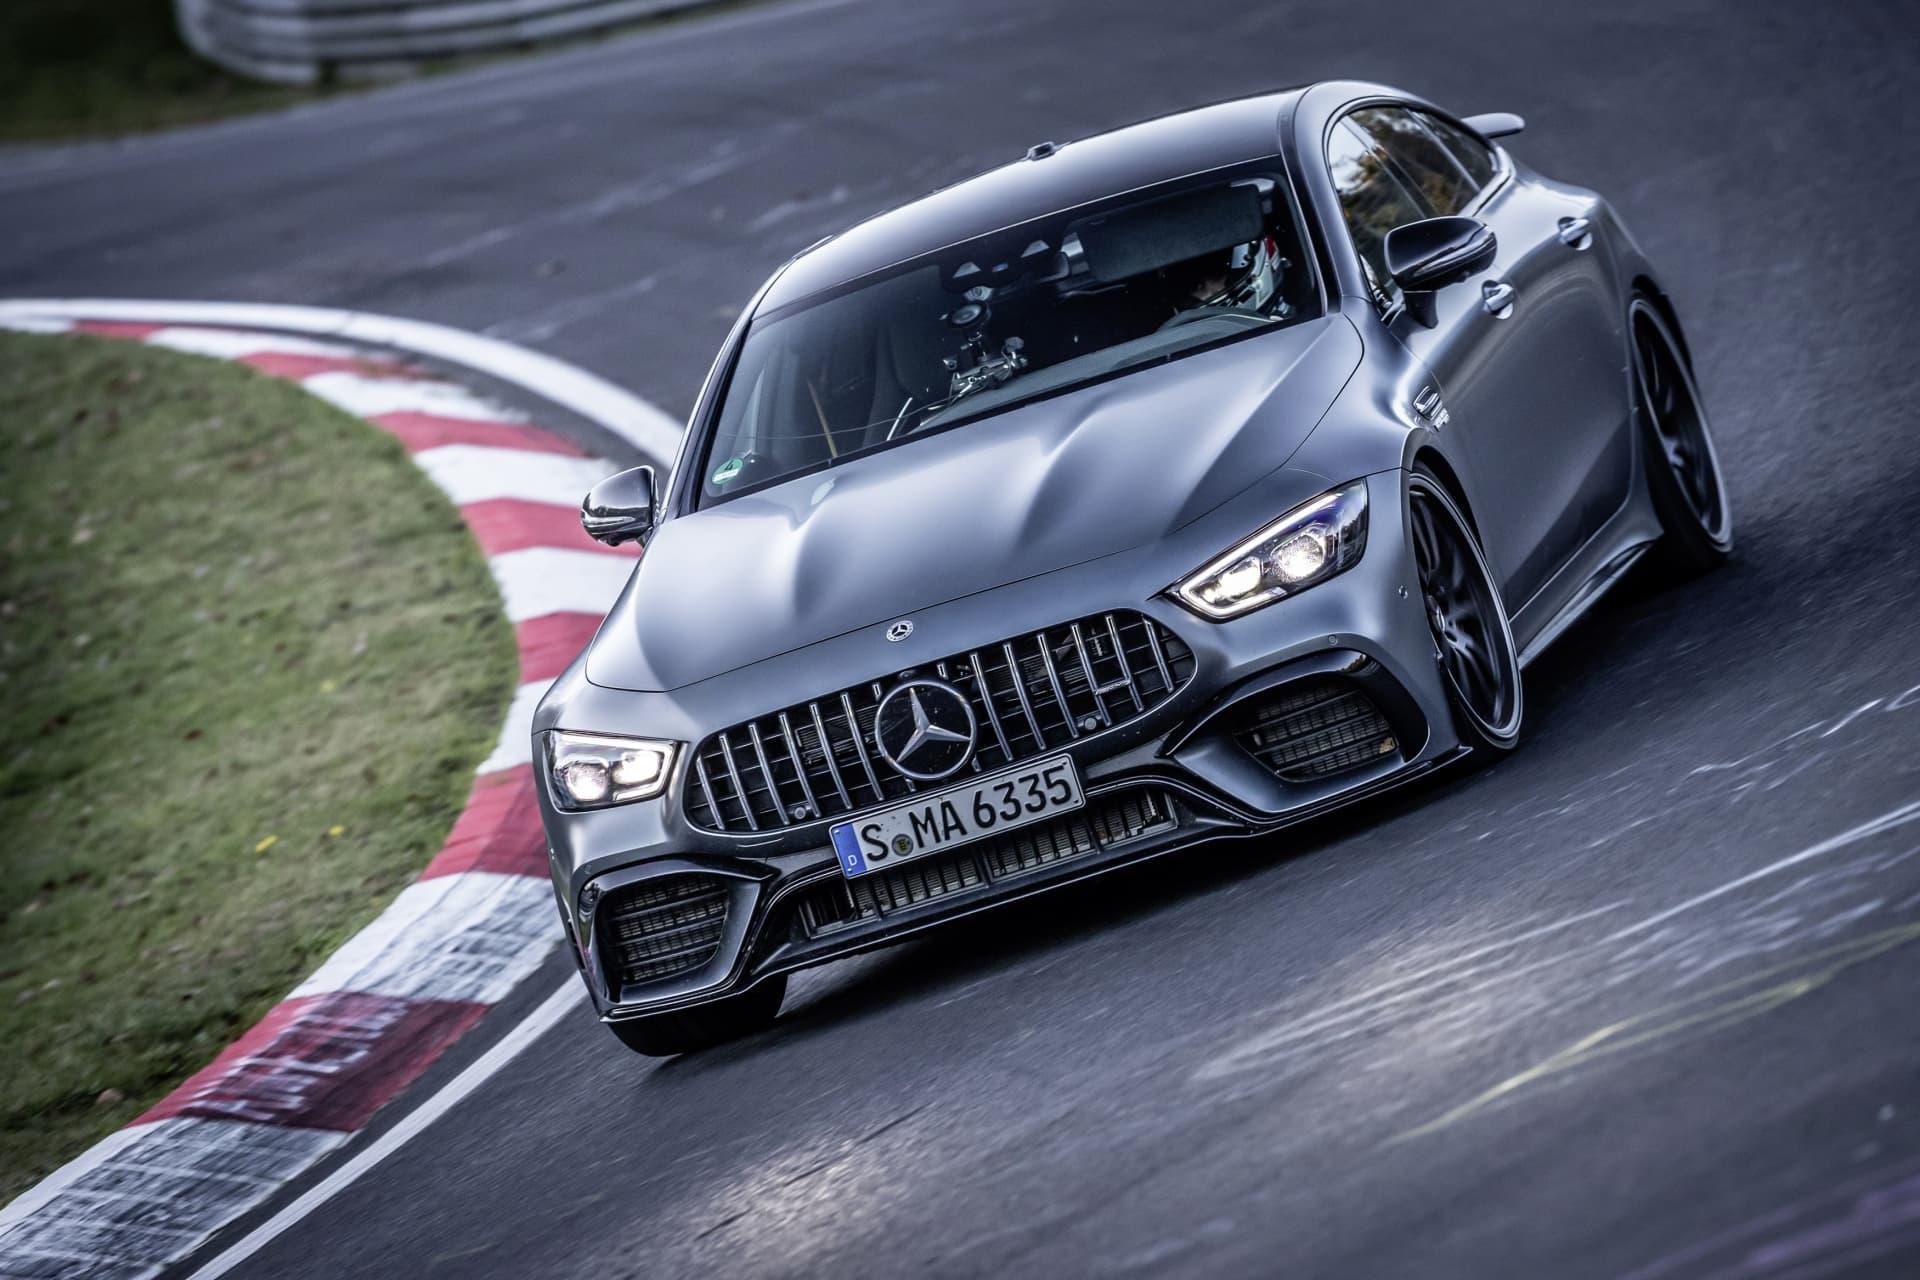 Mercedes Amg Gt 4 Puertas Record Nurburgring 06